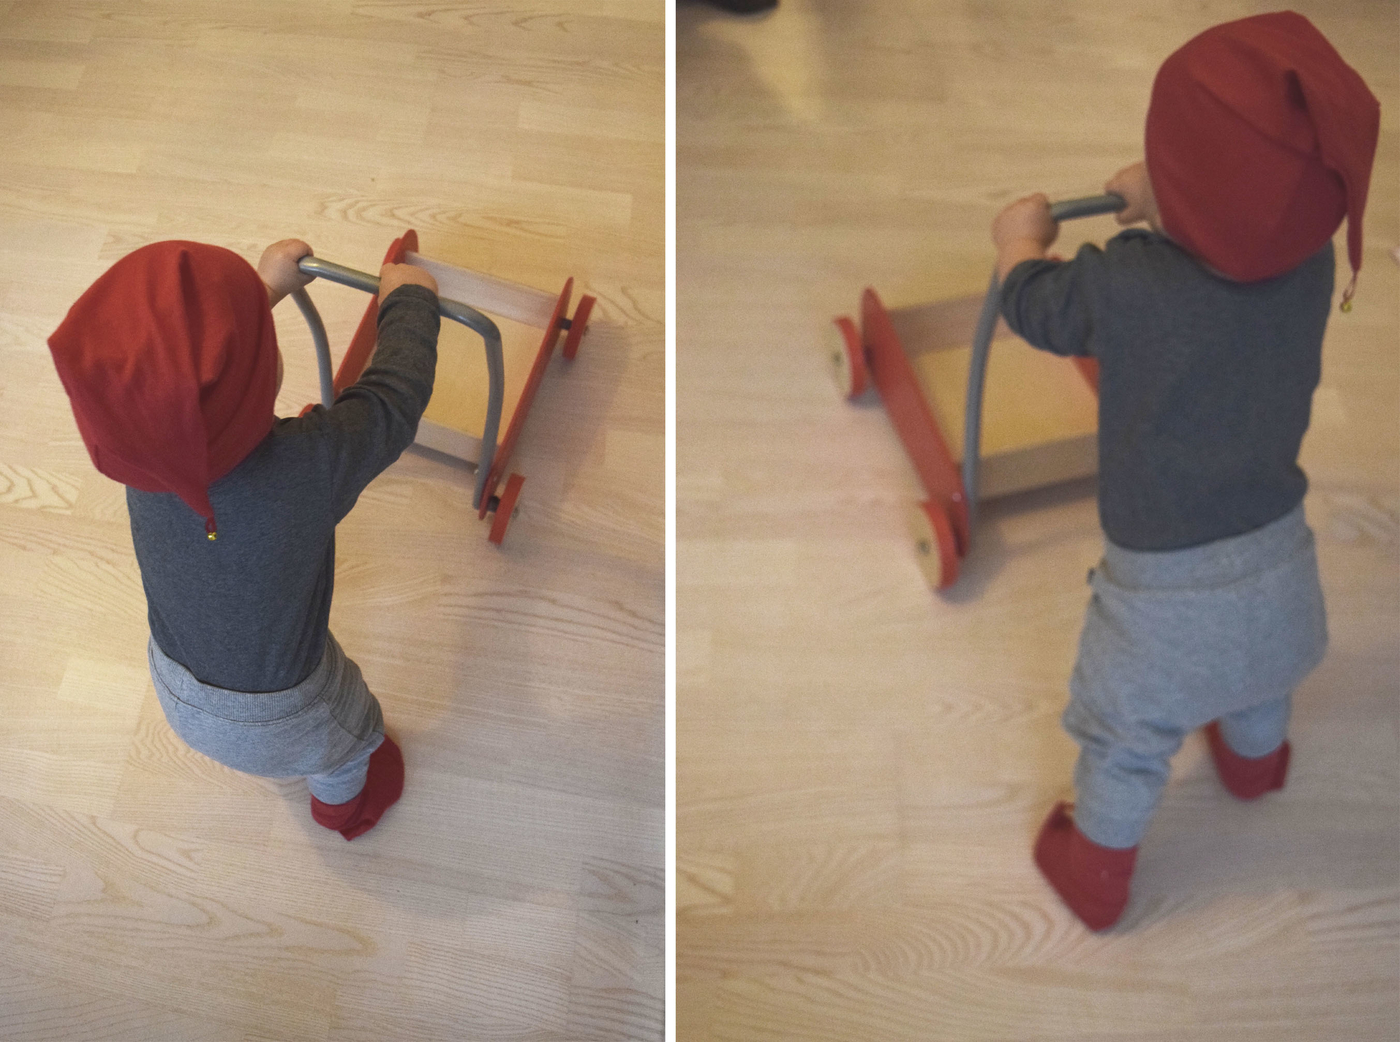 vauva leikkii2.jpg